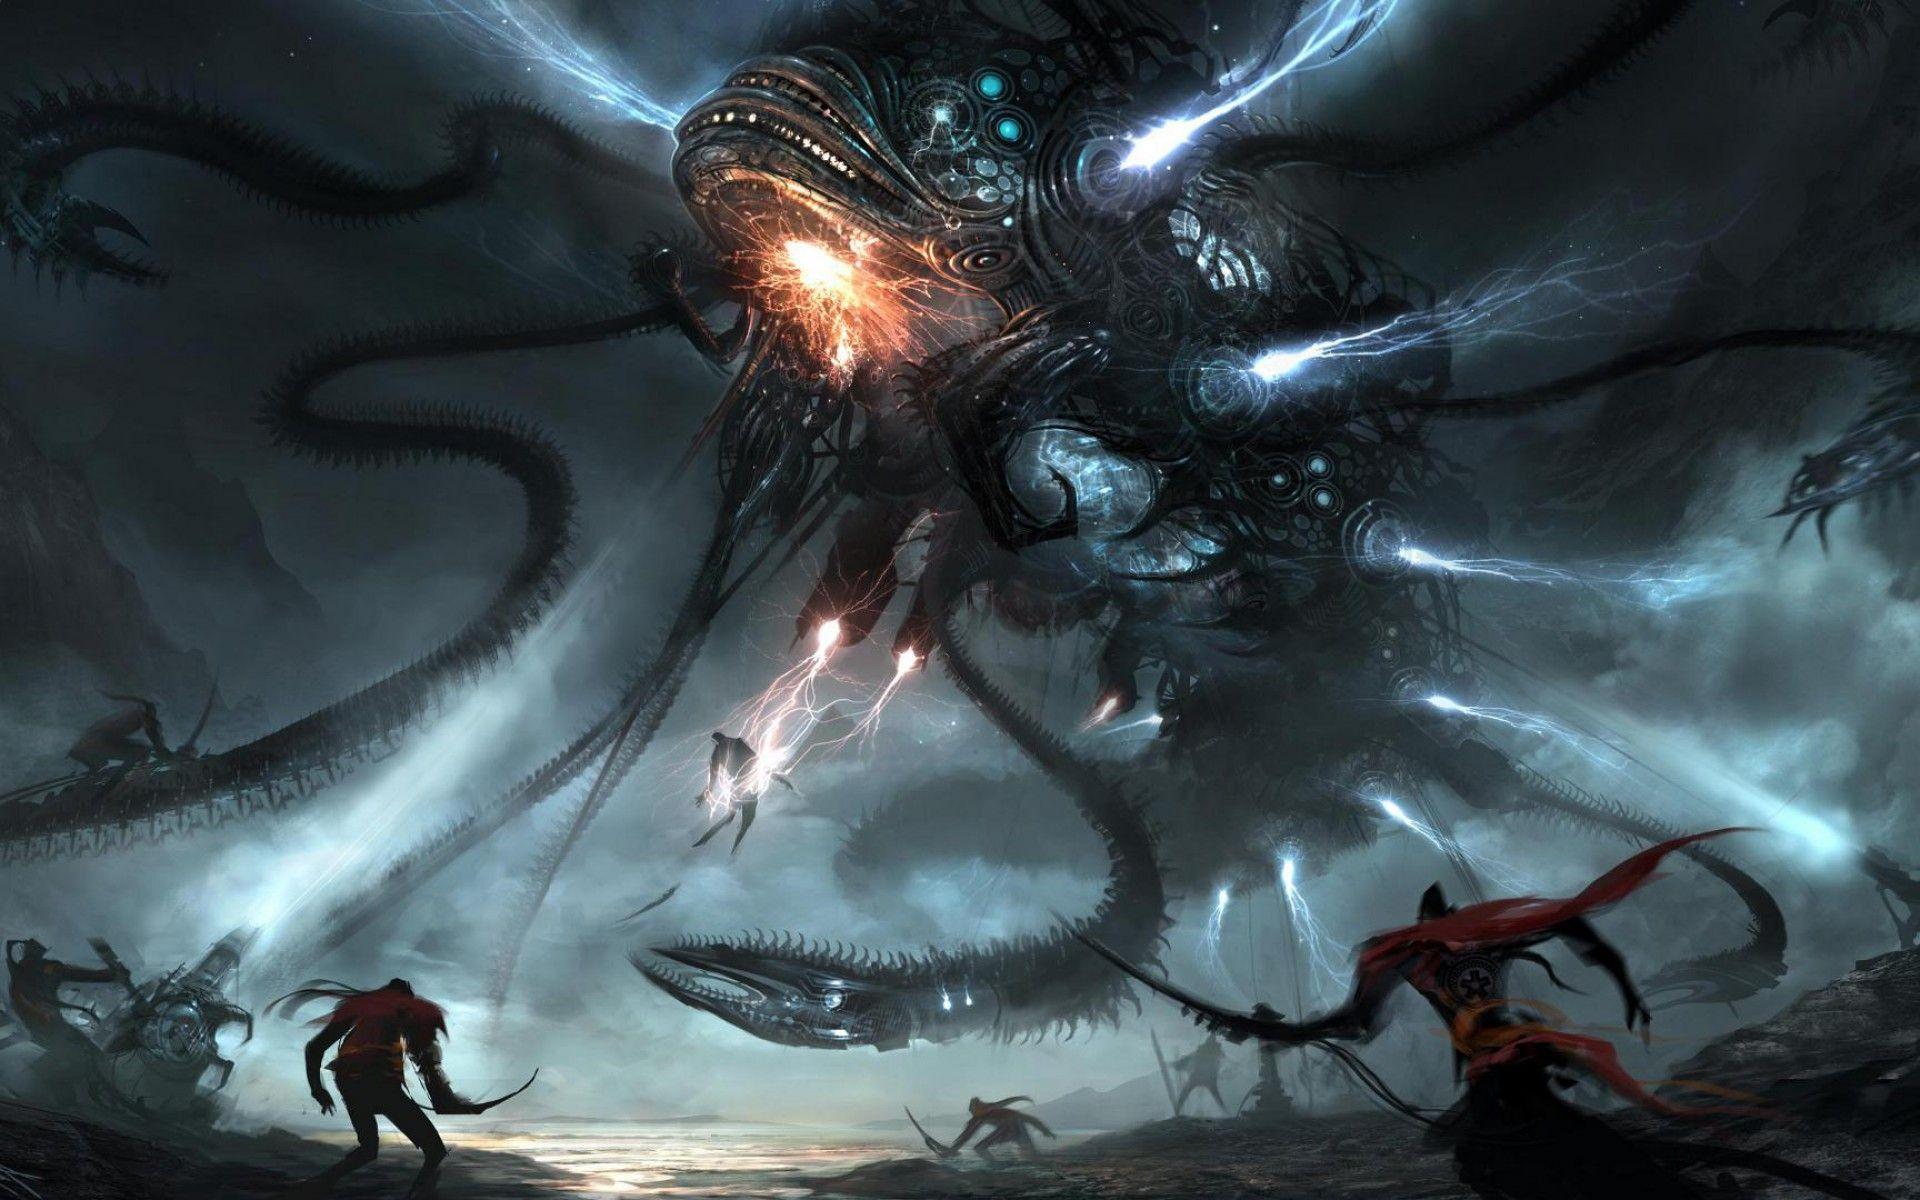 Giant Monster Wallpaper Part 4 Album On Imgur Dark Fantasy Art